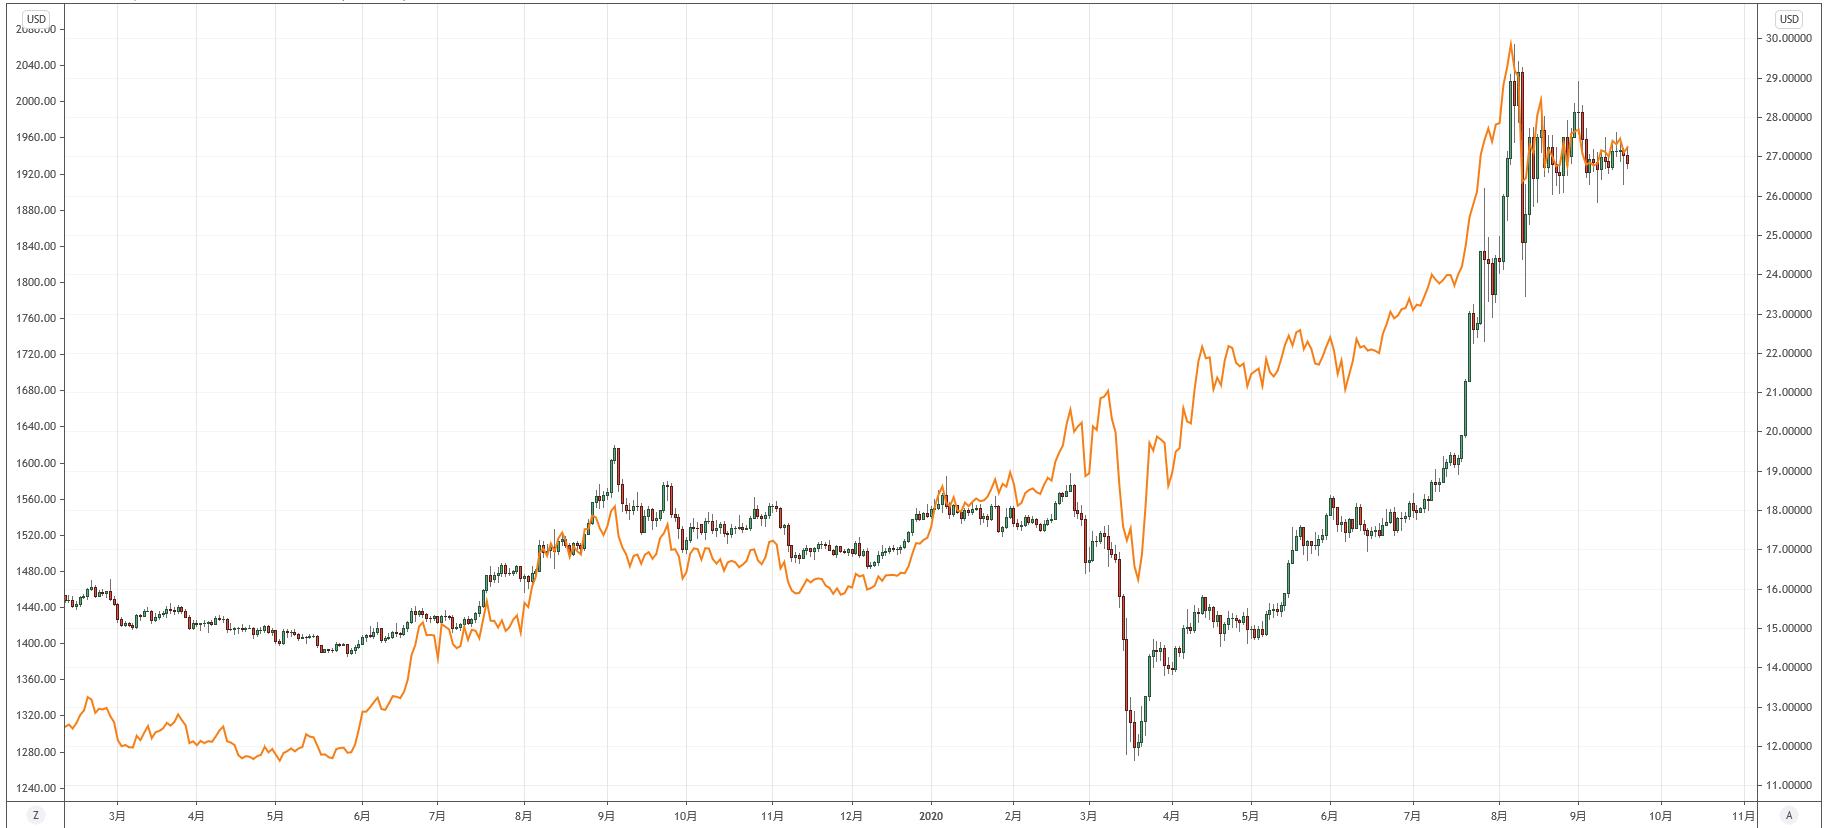 ゴールドとシルバーの比較チャート